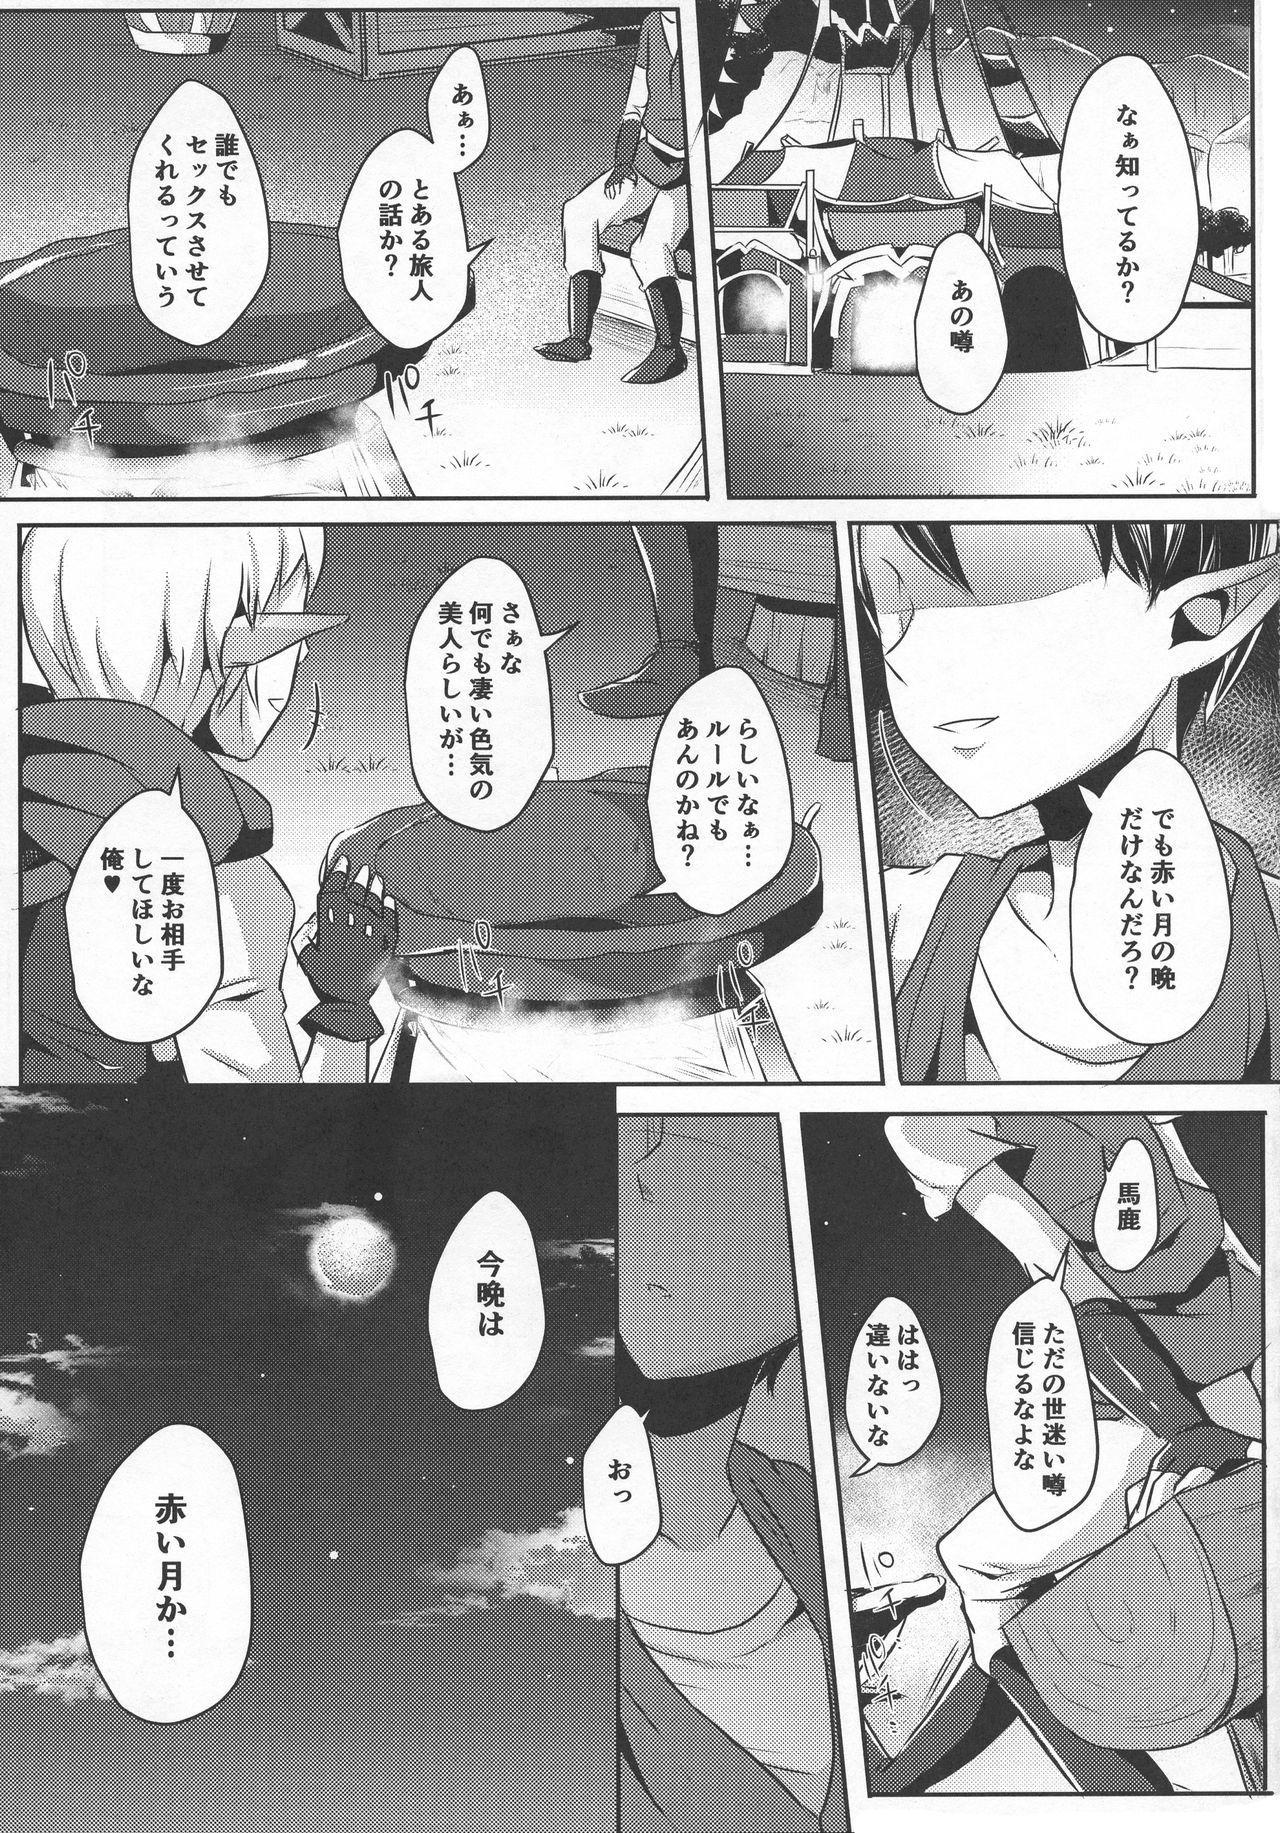 Yuuwaku no Akaitsuki to Futari no Himitsu 4